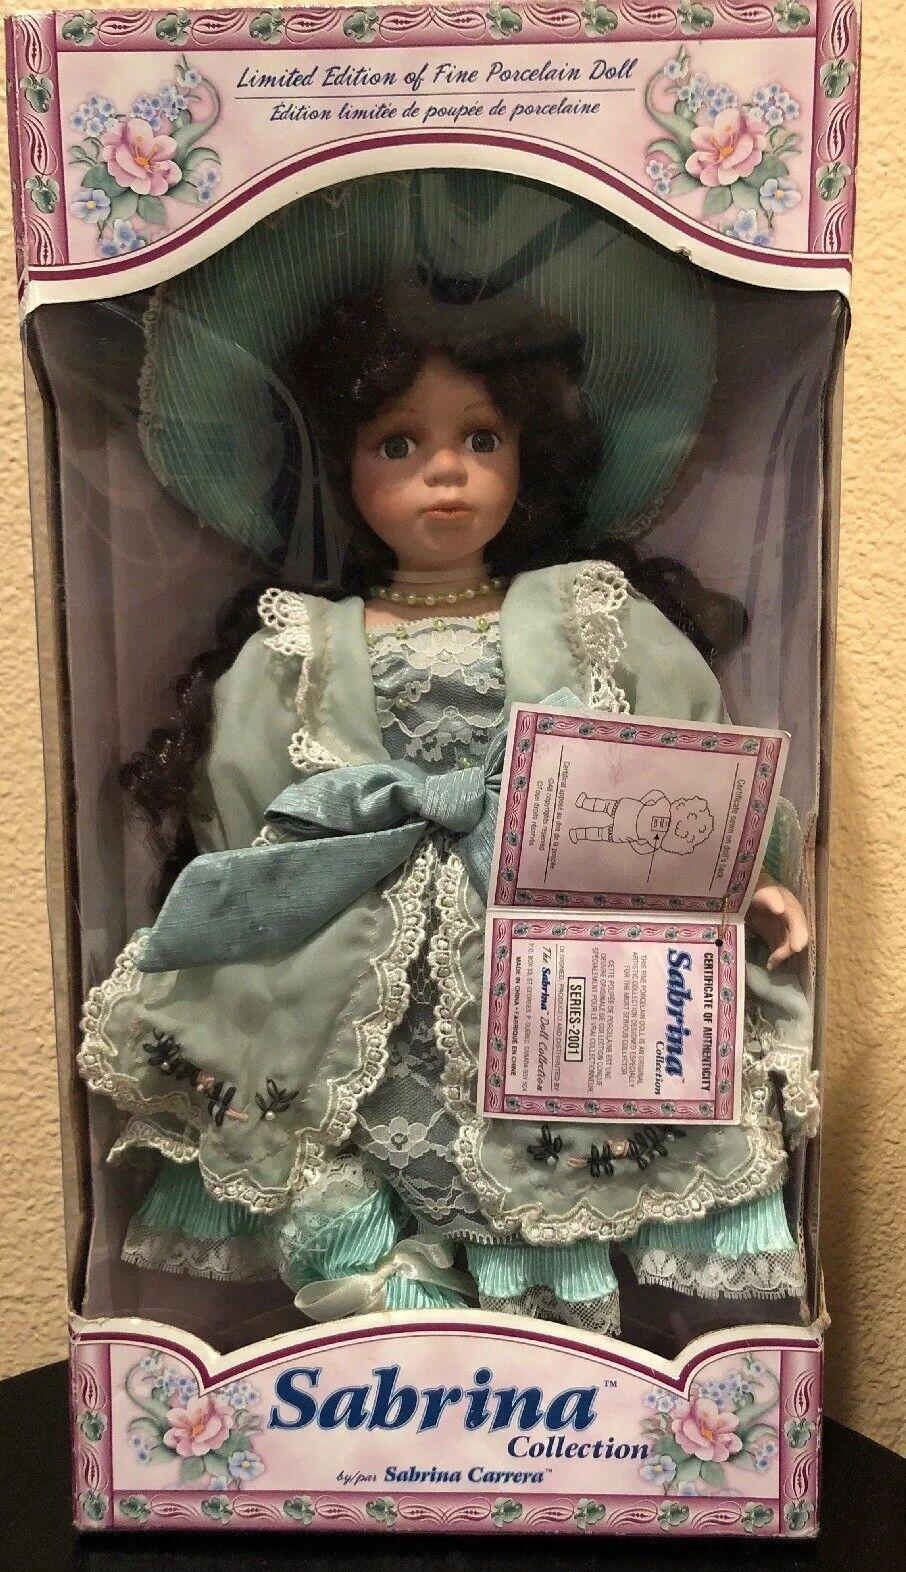 Sabrina Limited Edition Porcelain Doll 2001 by Sabrina Carrera